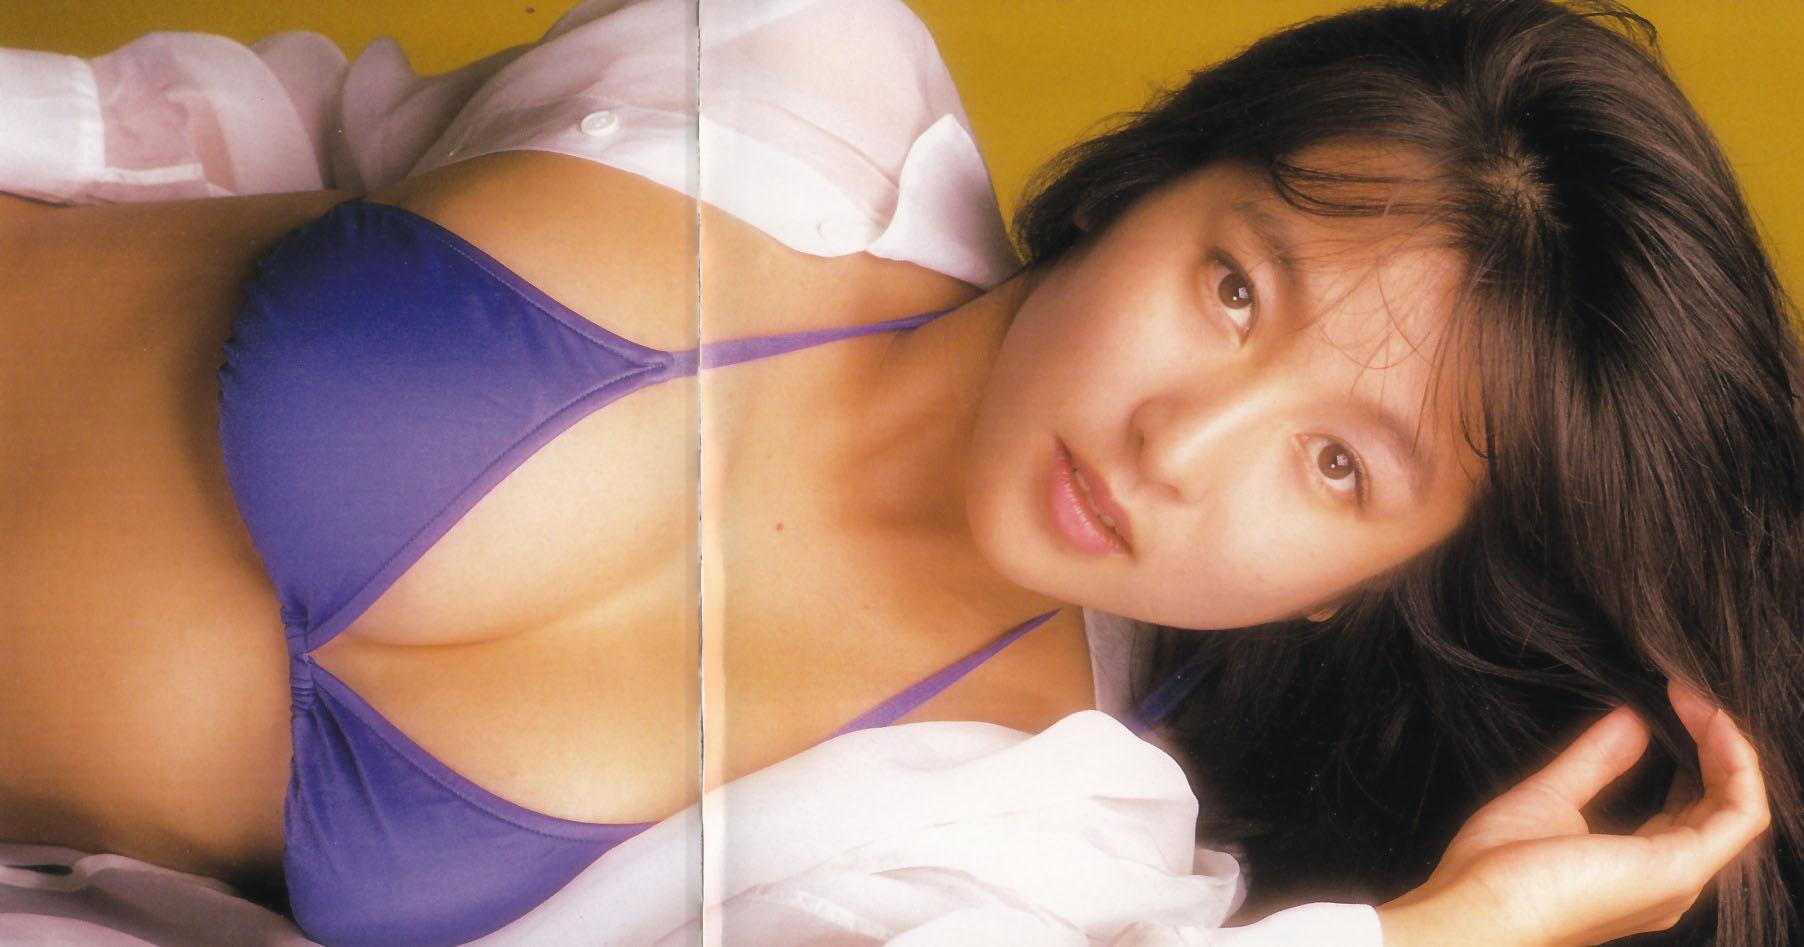 昔のグラビアアイドルでヌイてる人 [無断転載禁止]©bbspink.comYouTube動画>10本 ニコニコ動画>1本 ->画像>500枚